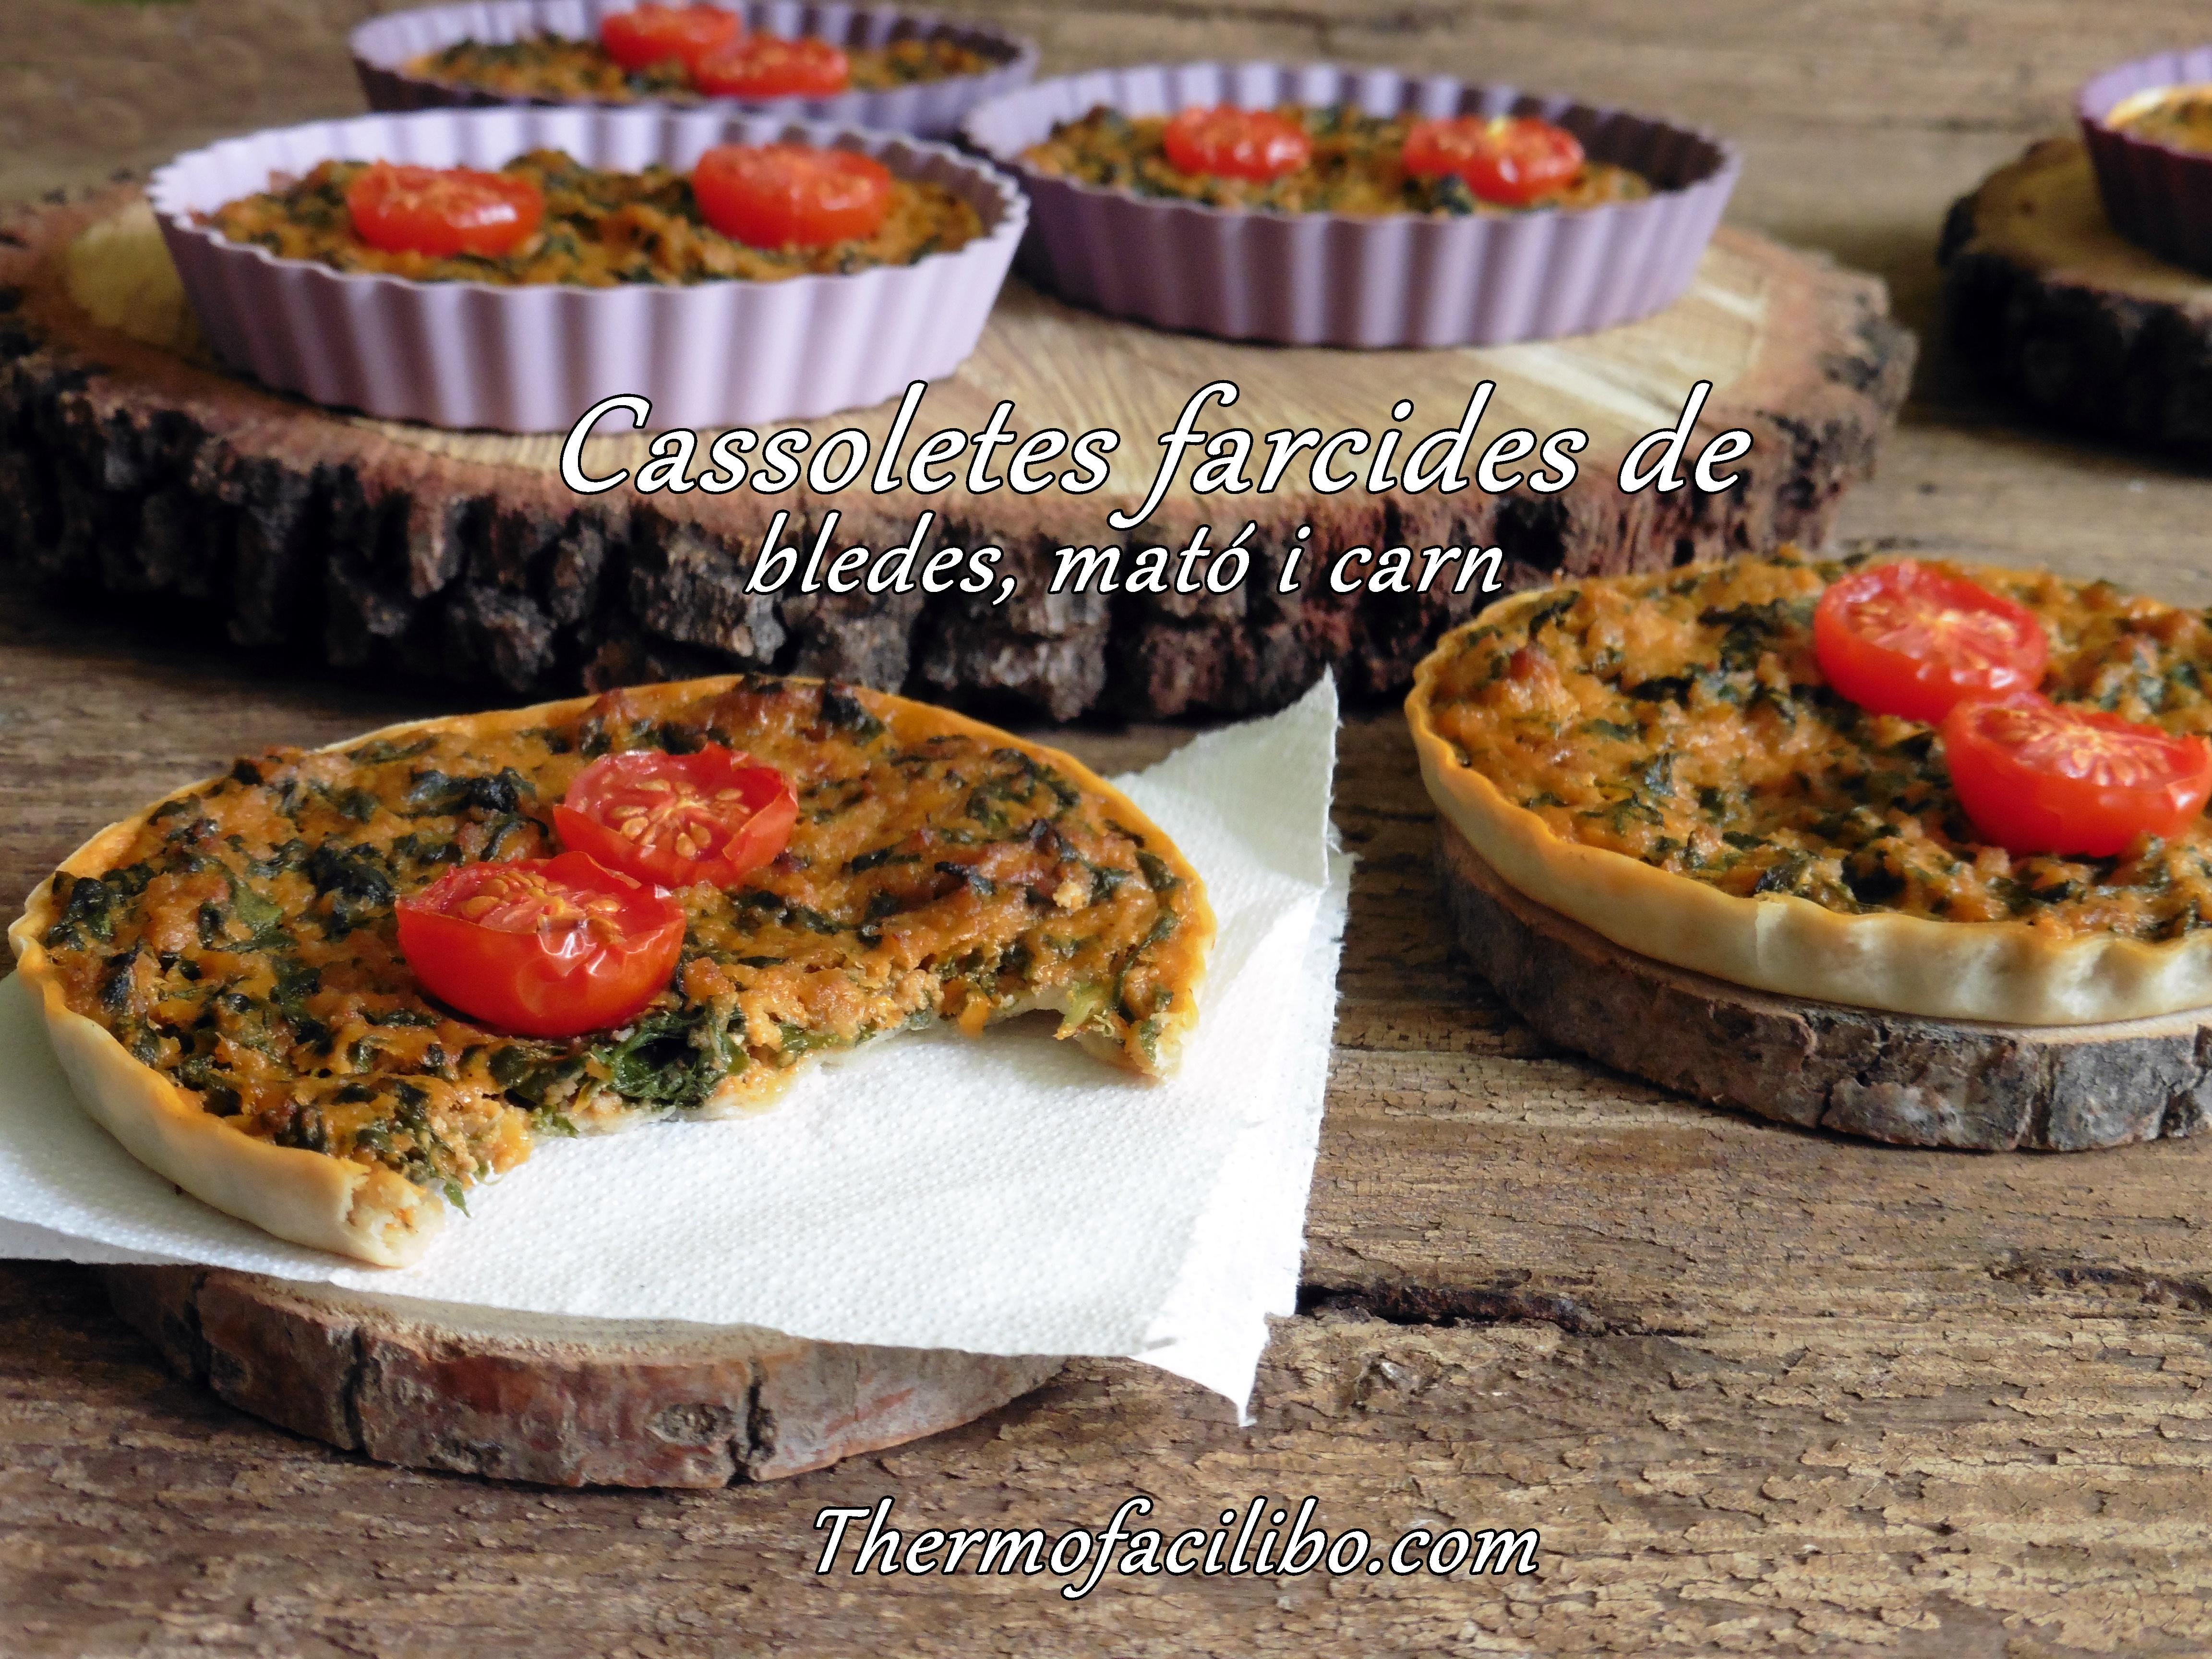 Cassoletes farcides de bledes, mató i carn.+